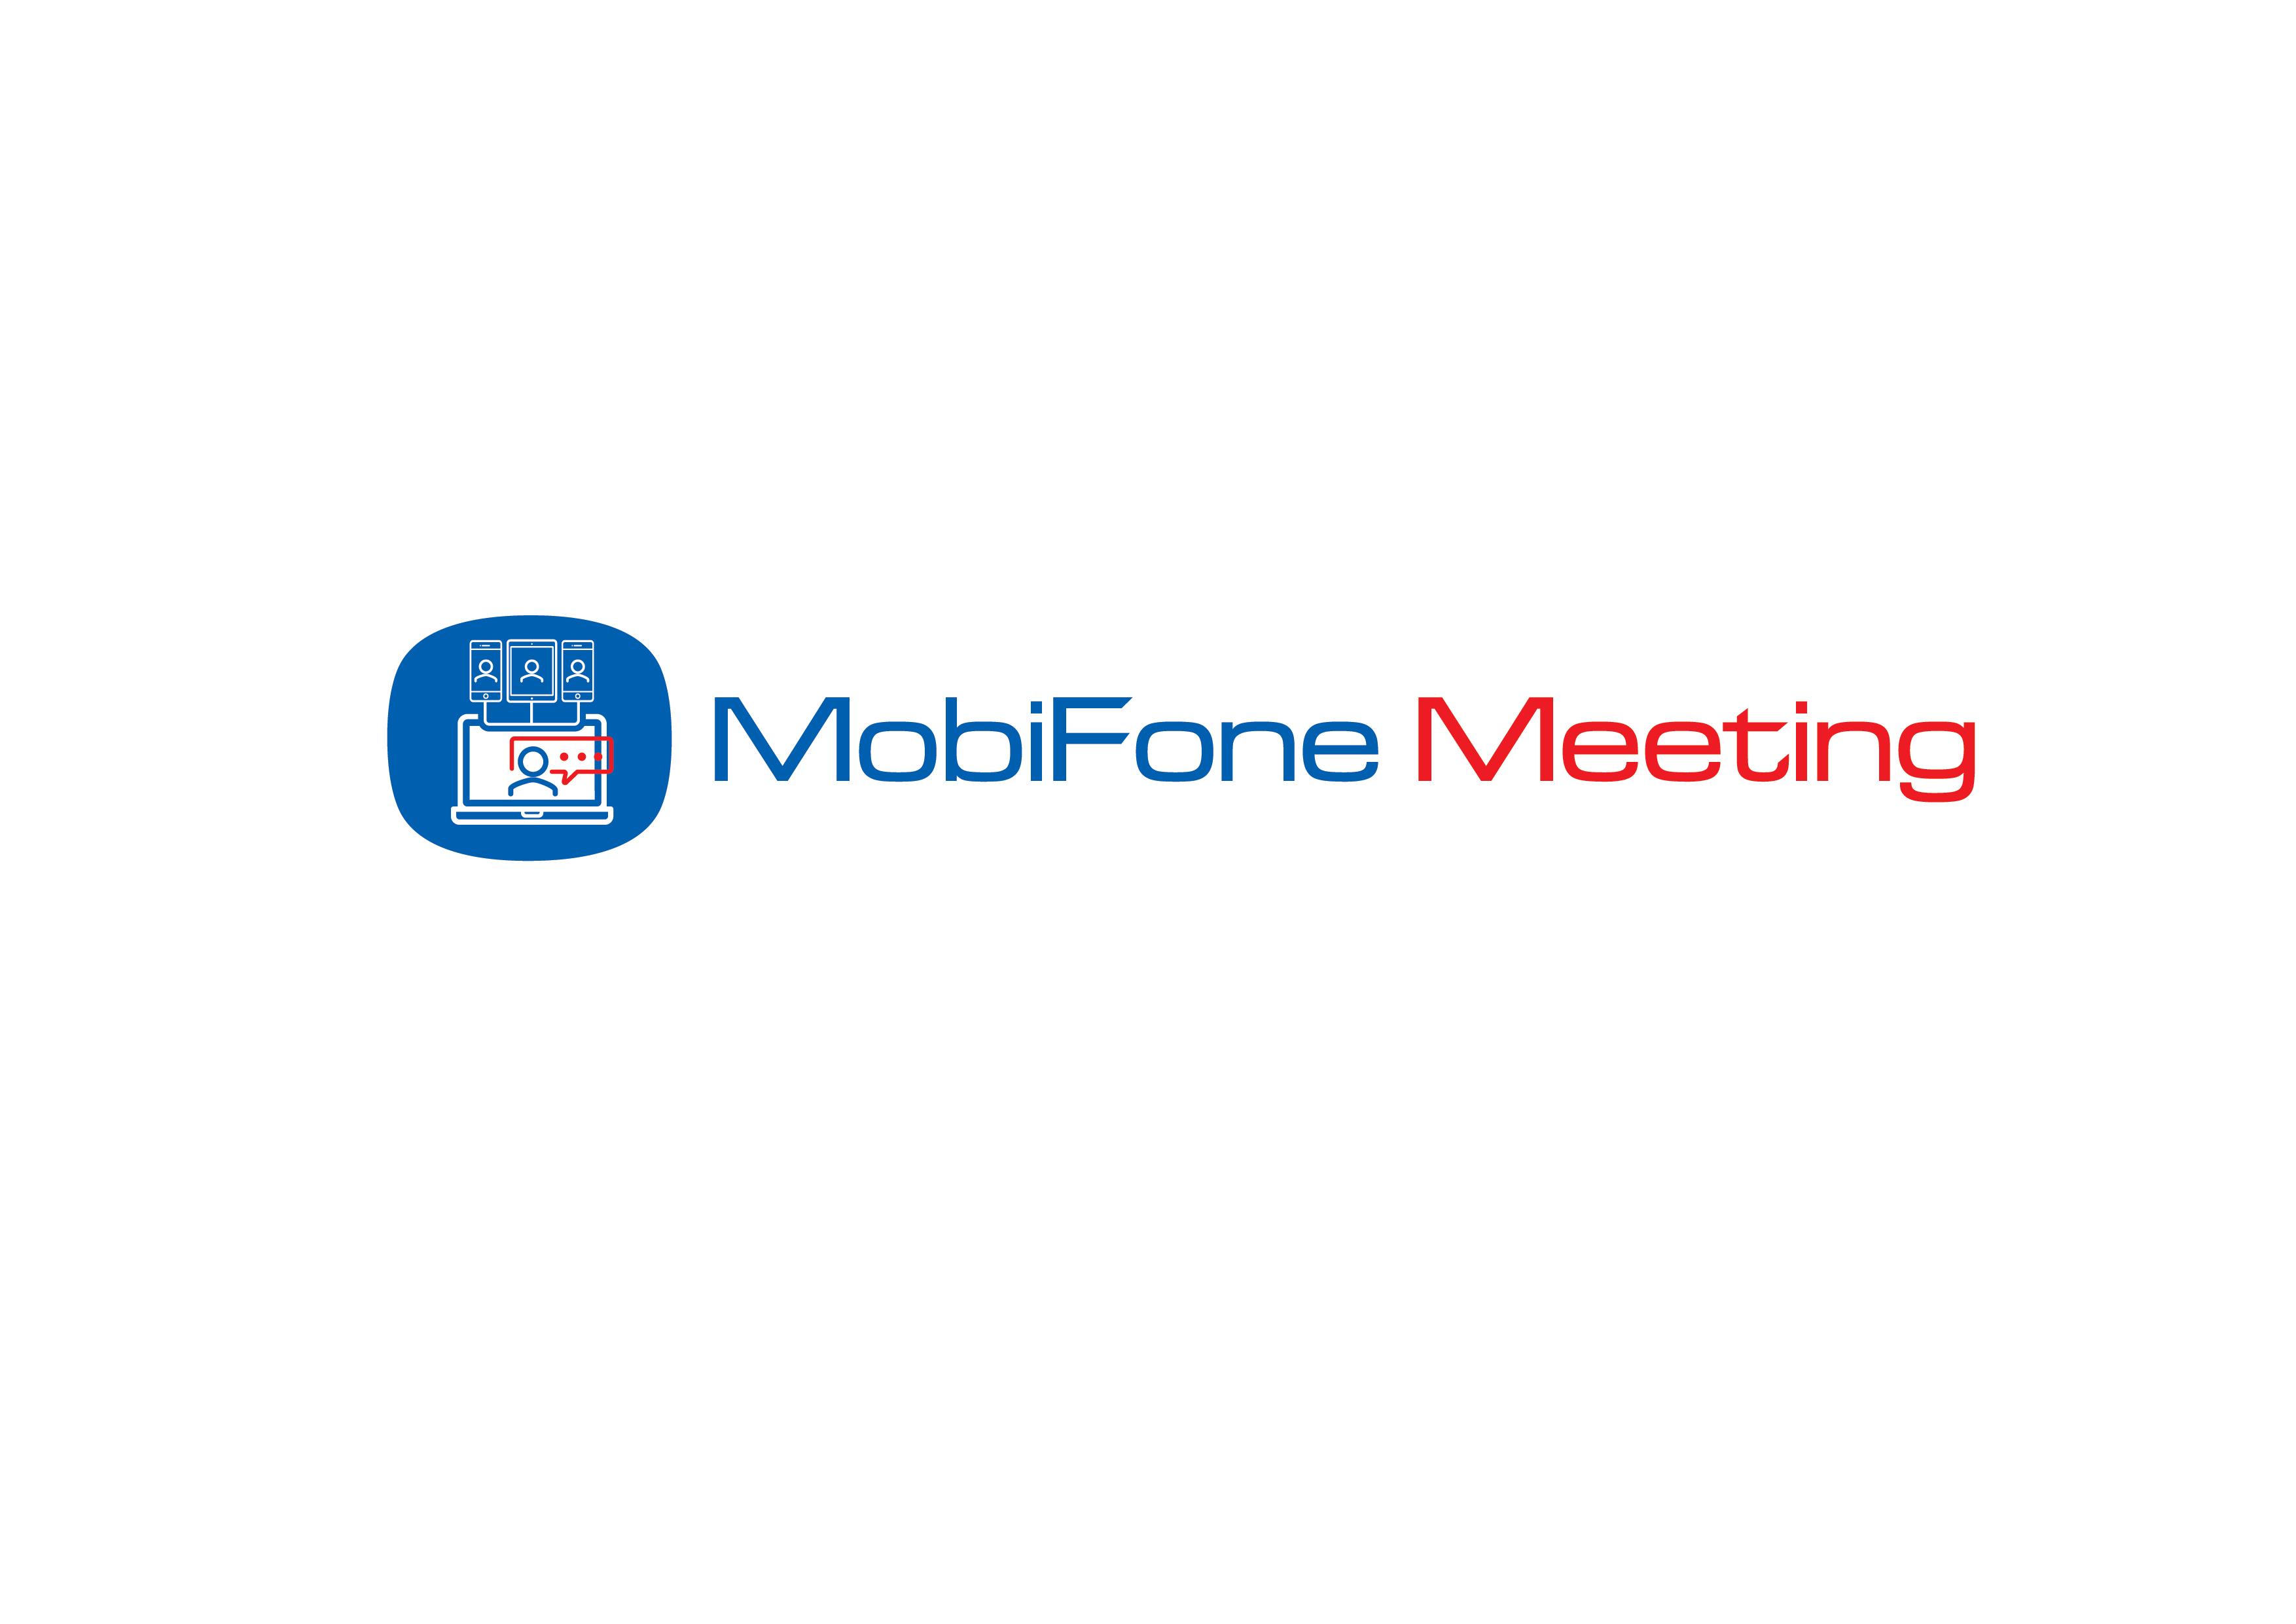 MobiFone Meeting - Giải pháp Hội nghị truyền hình trực tuyến